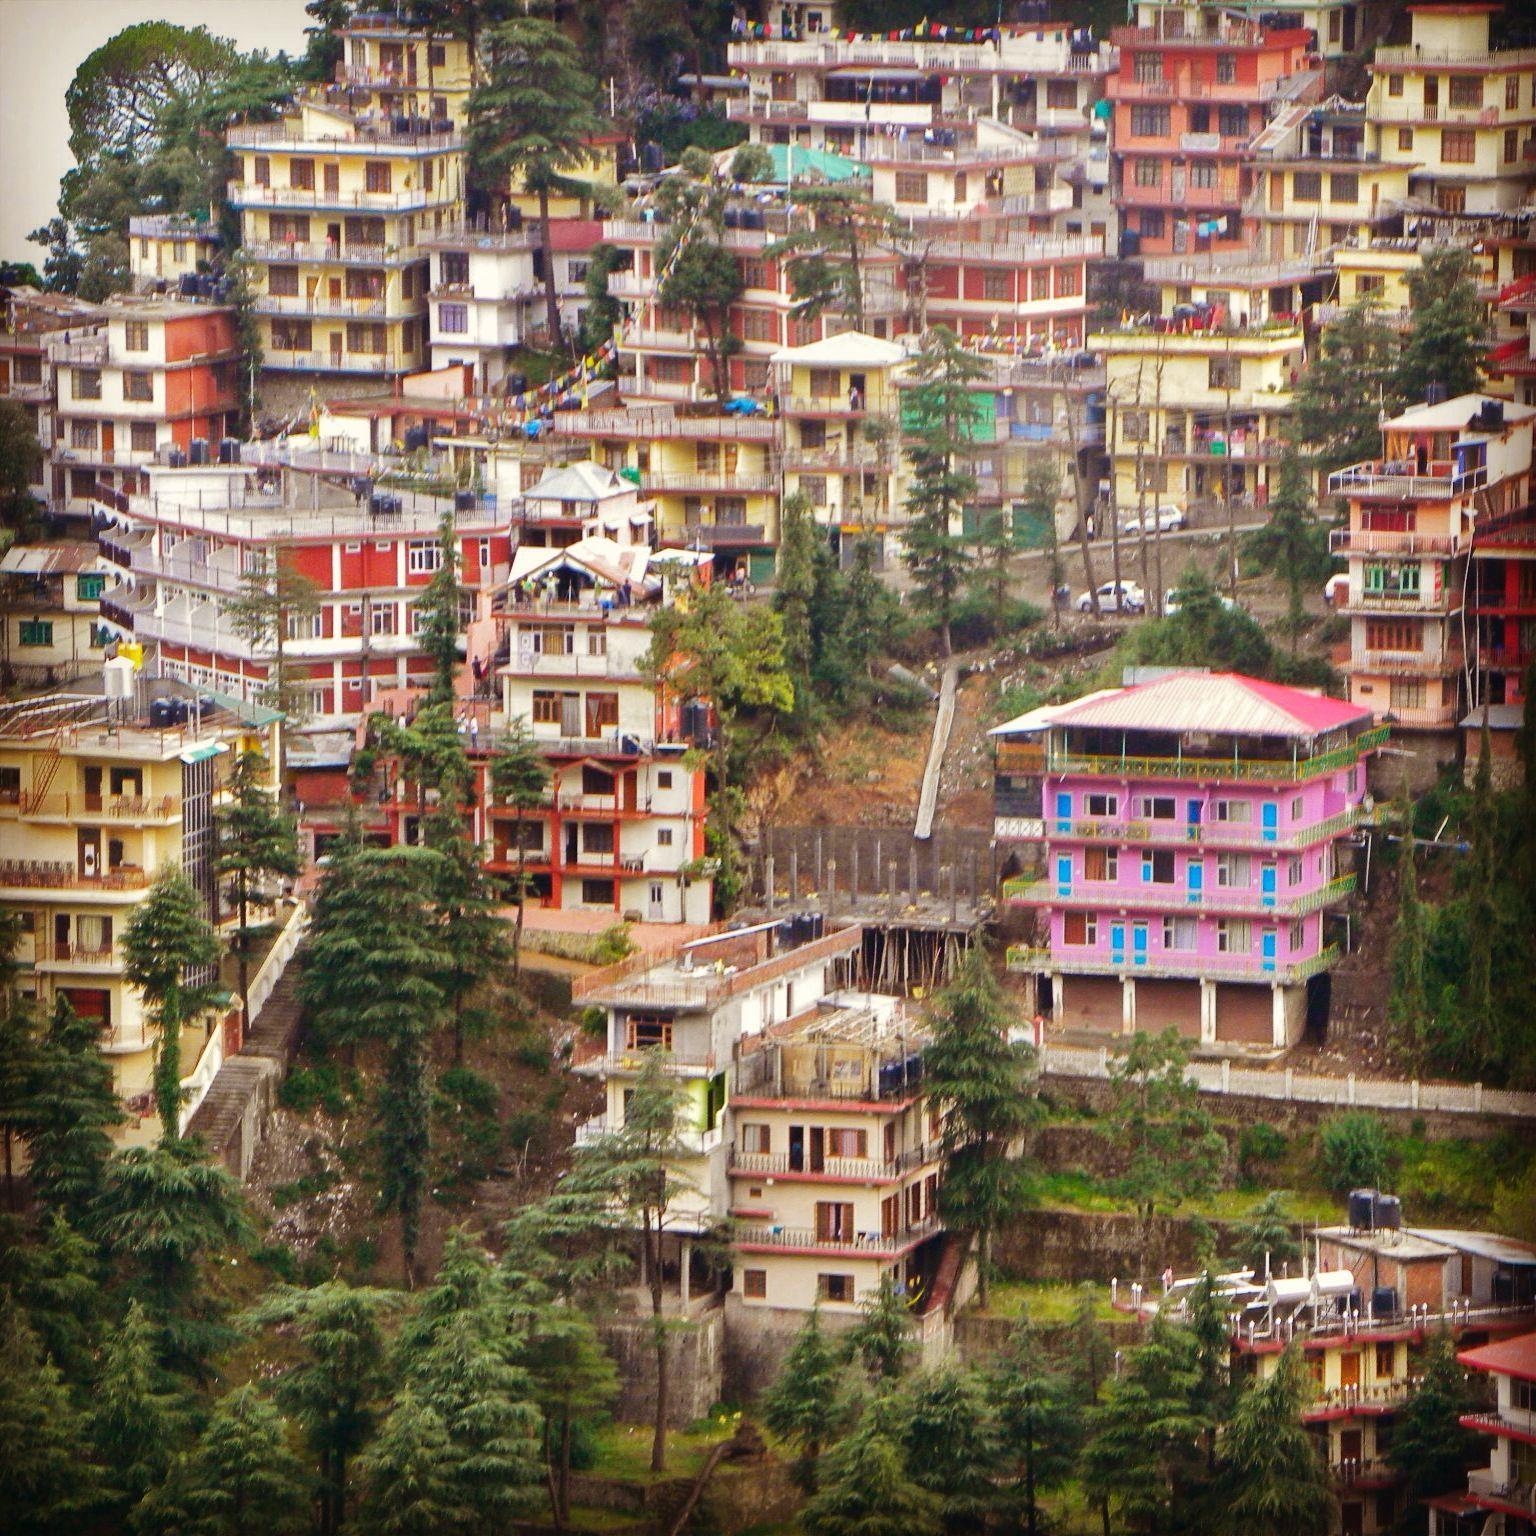 этом хорошие дома в индии фото показала красивую фигуру